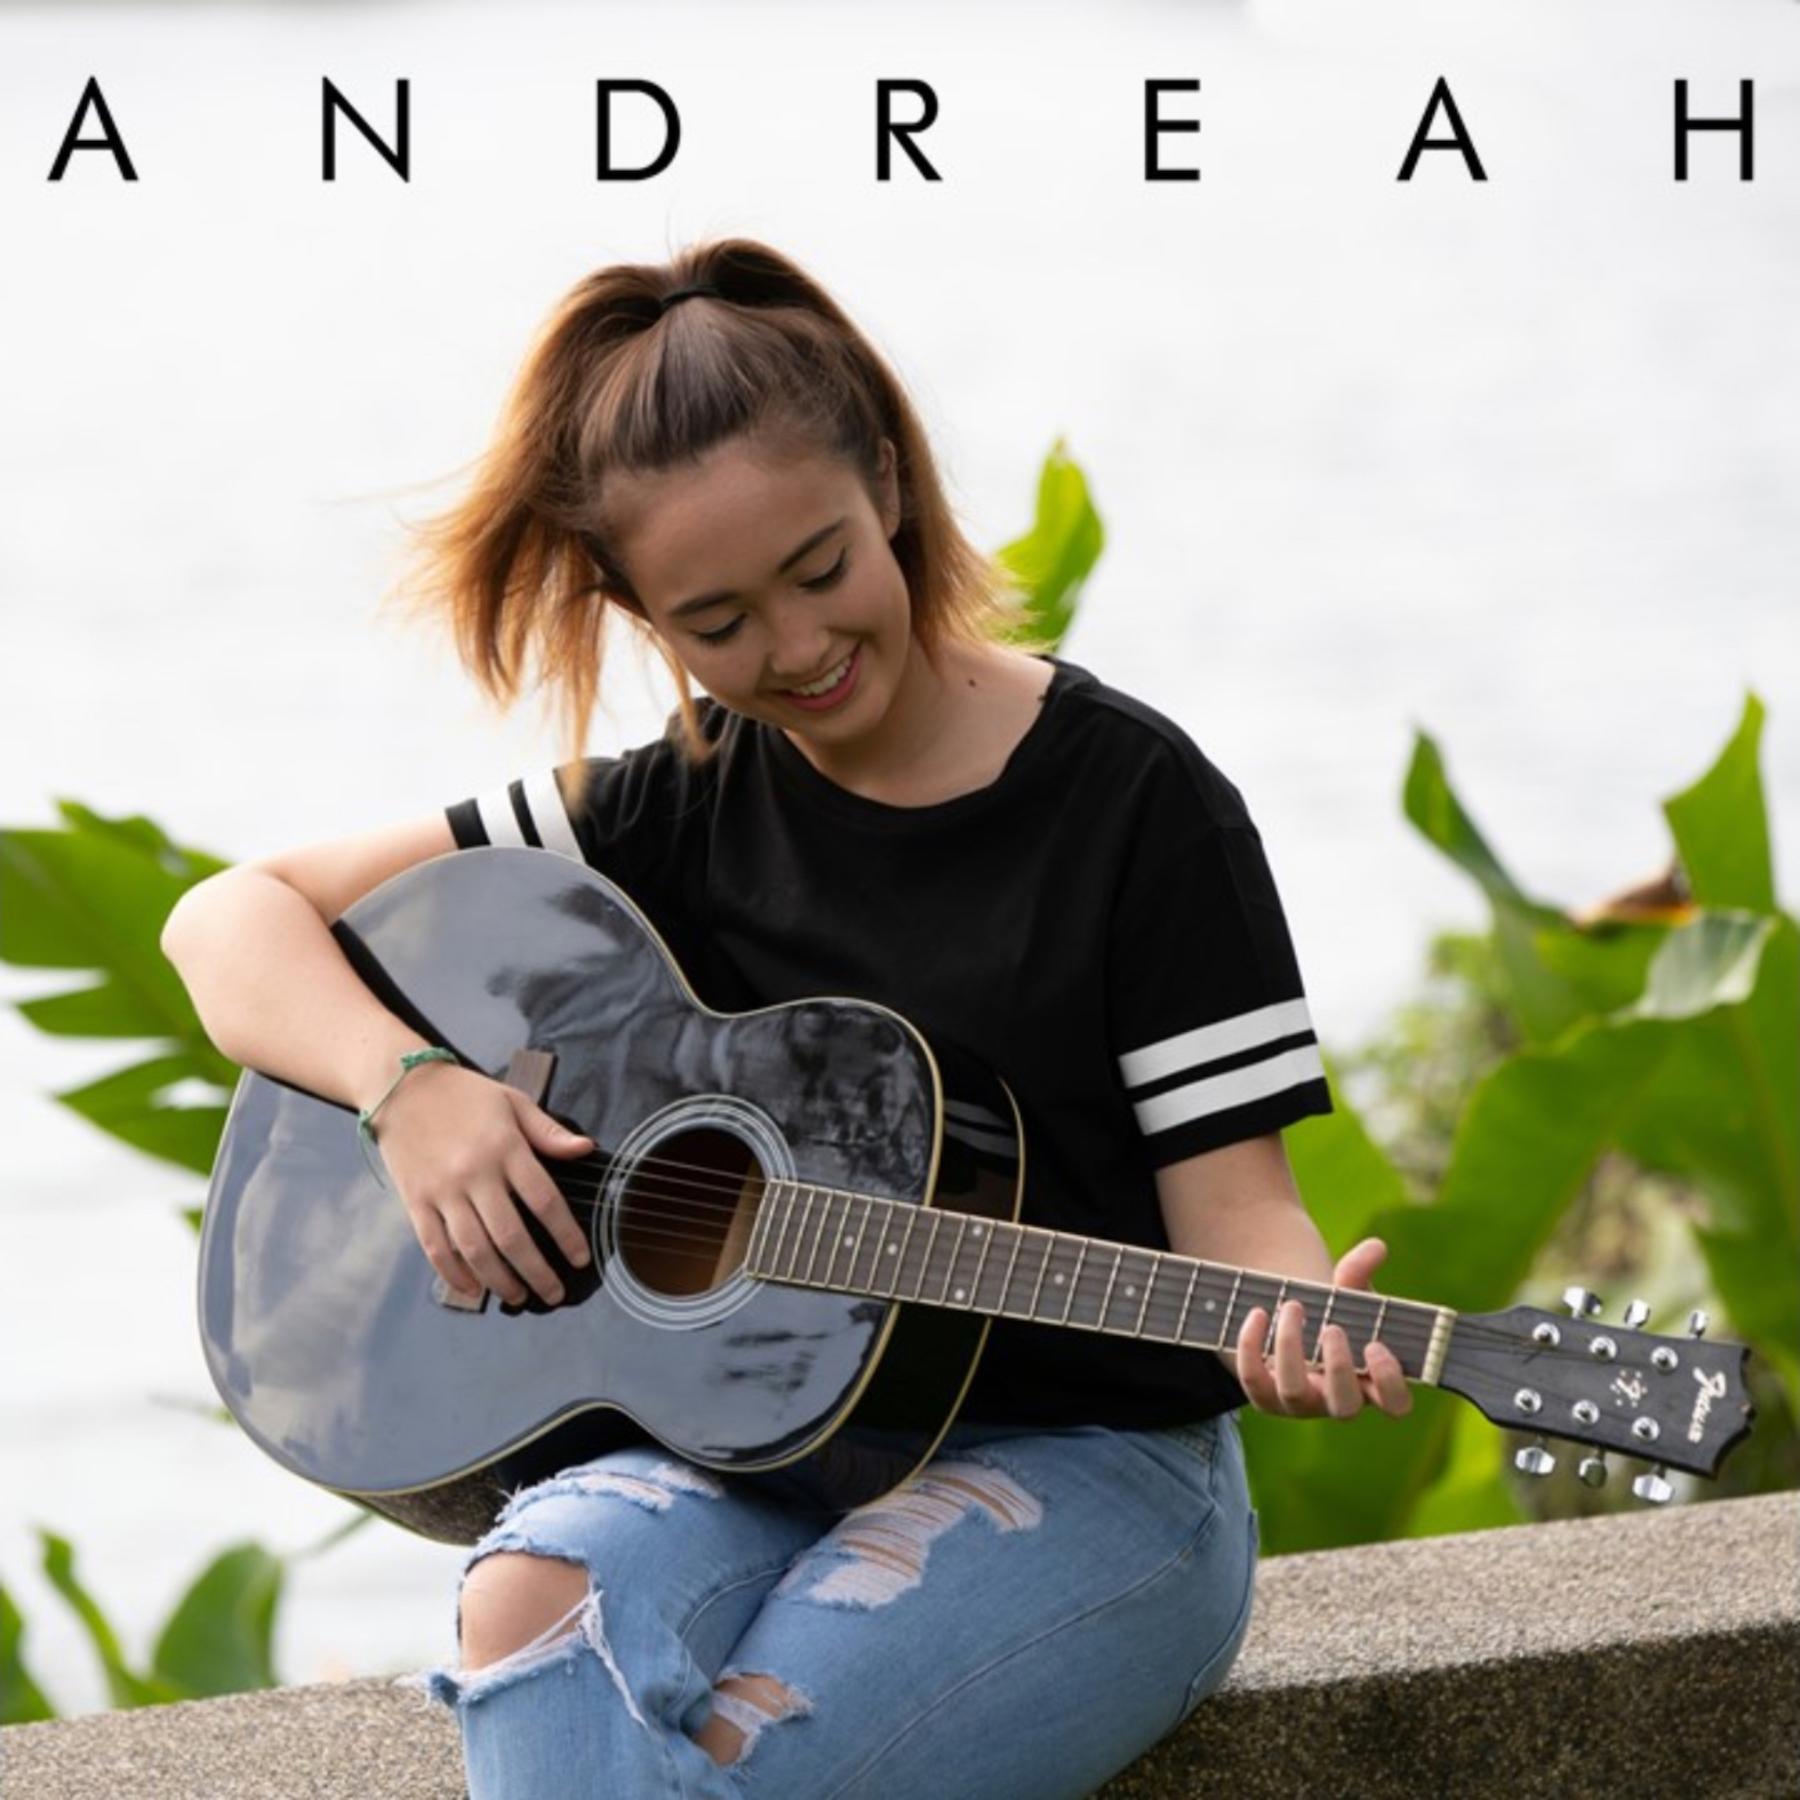 Midas Promotions | ANDREAH'S LATEST SINGLE 'FOCUS'